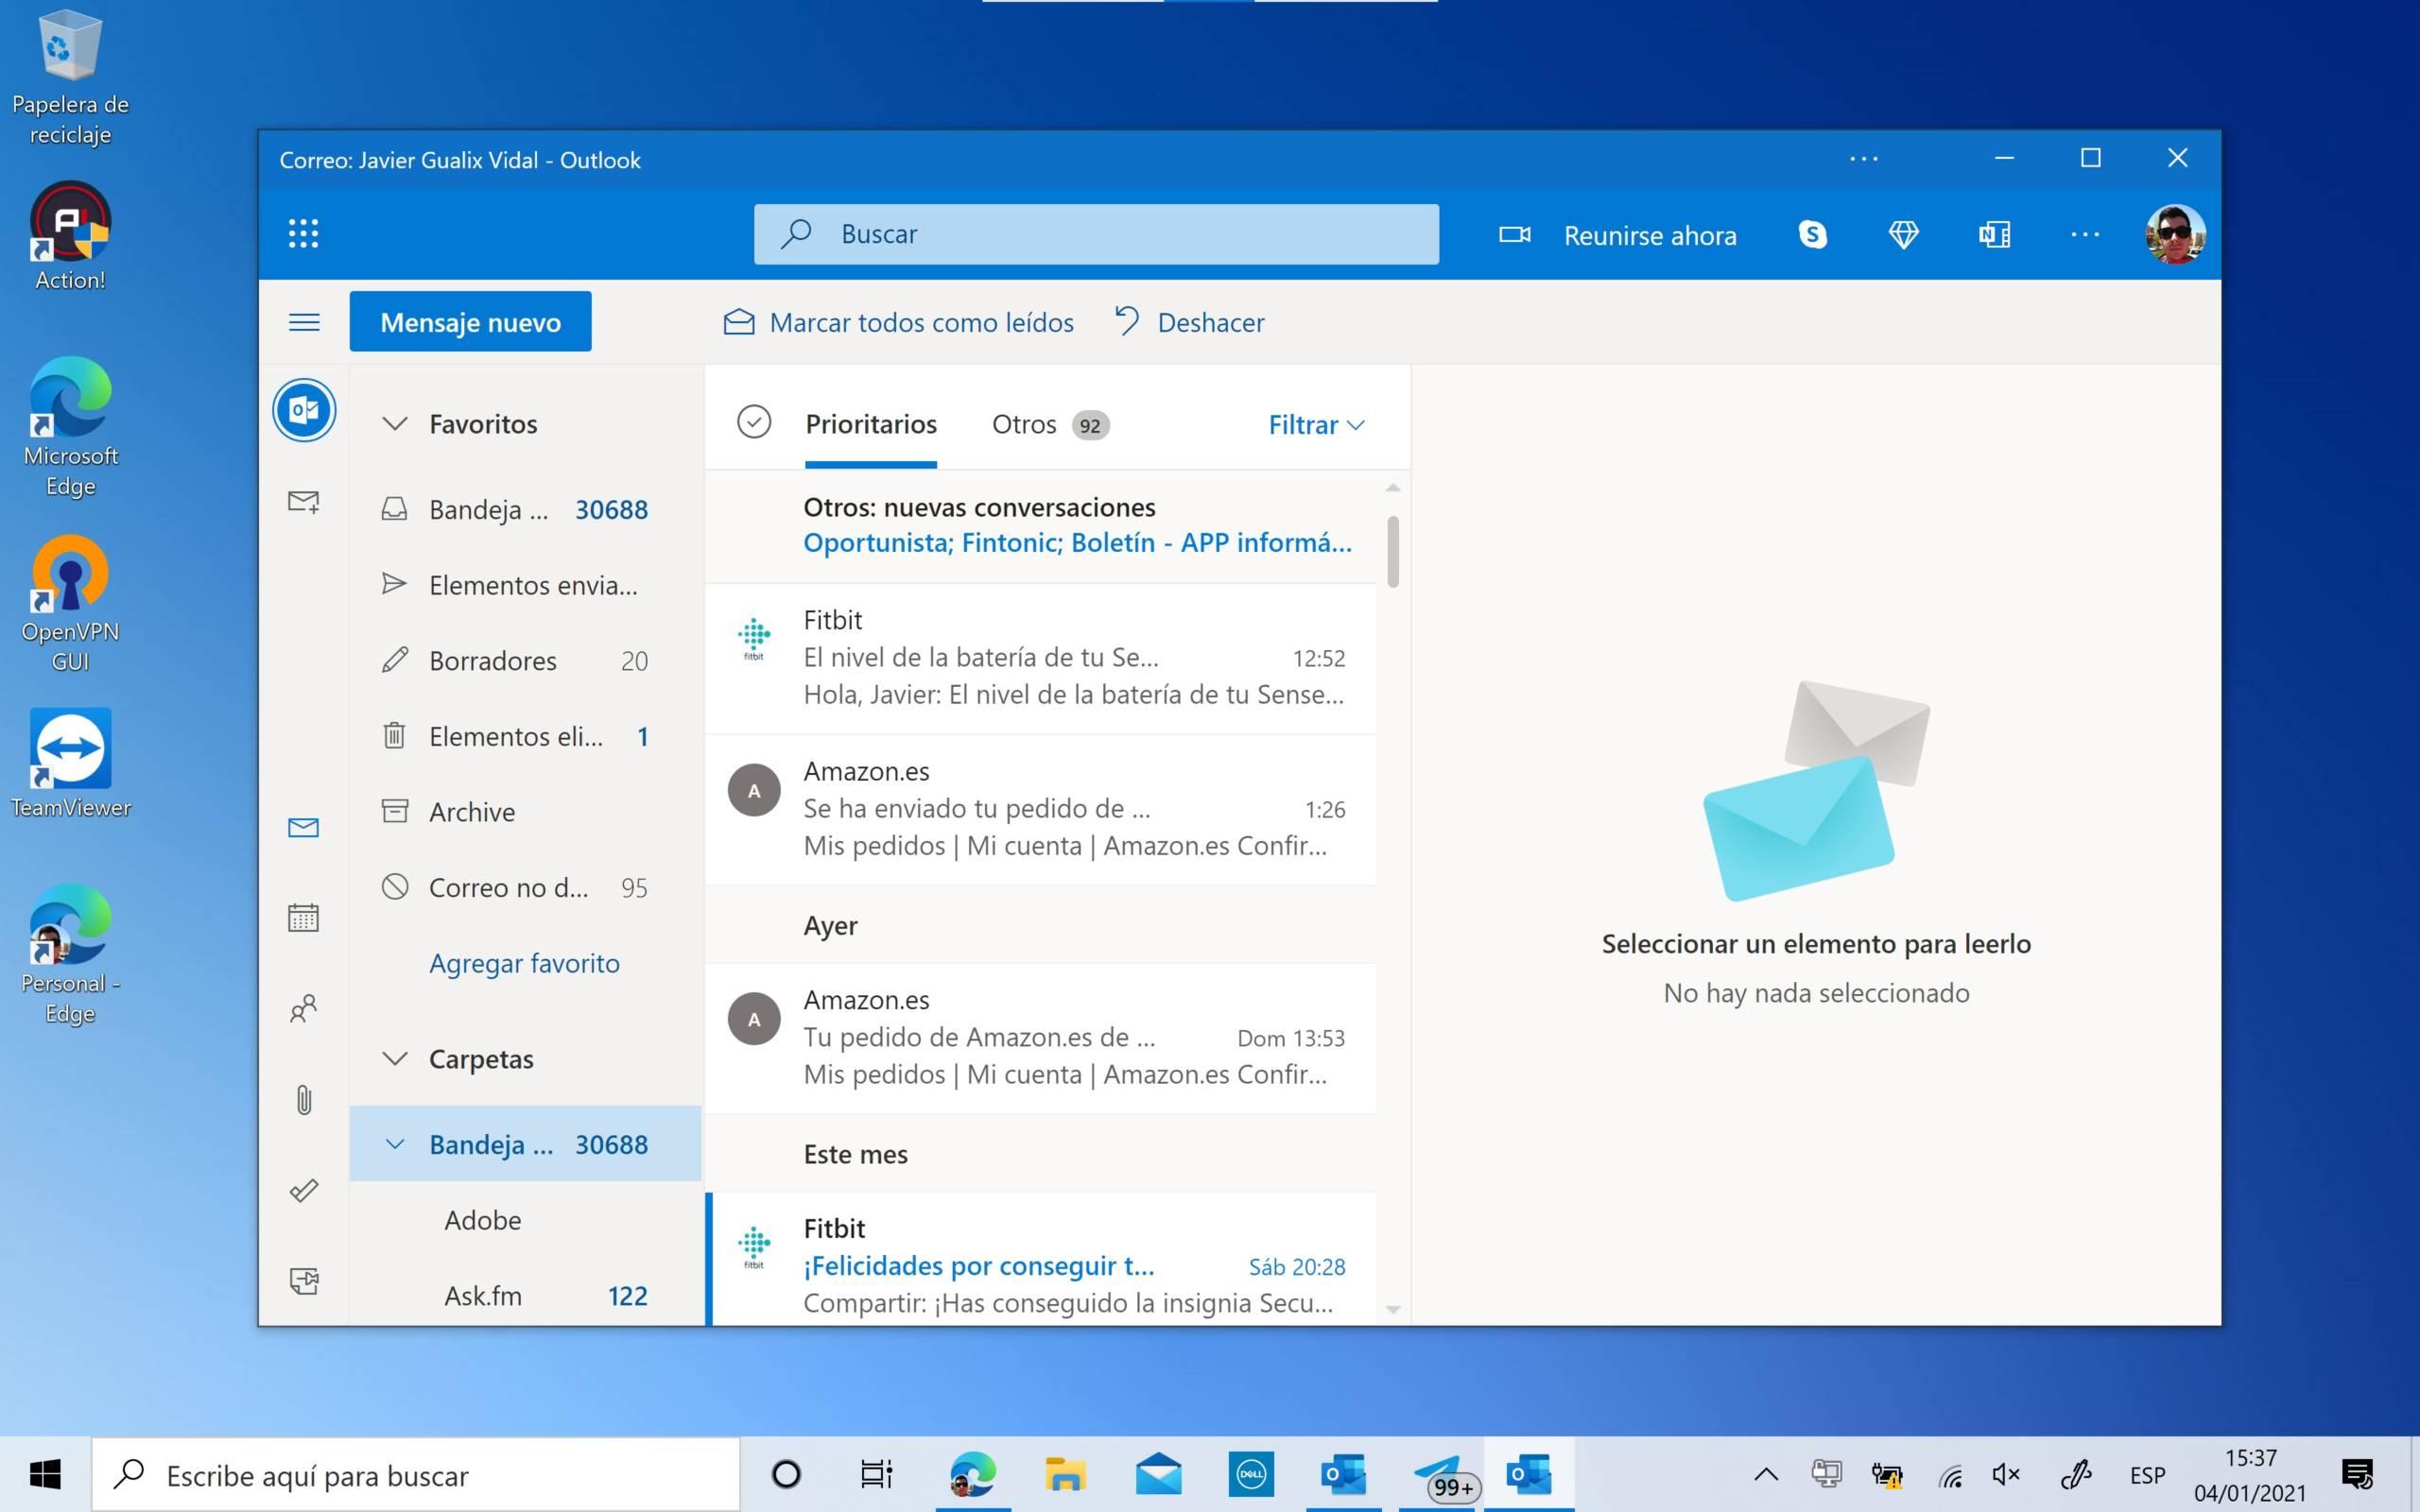 Project Monarch sera basé sur Outlook Web App